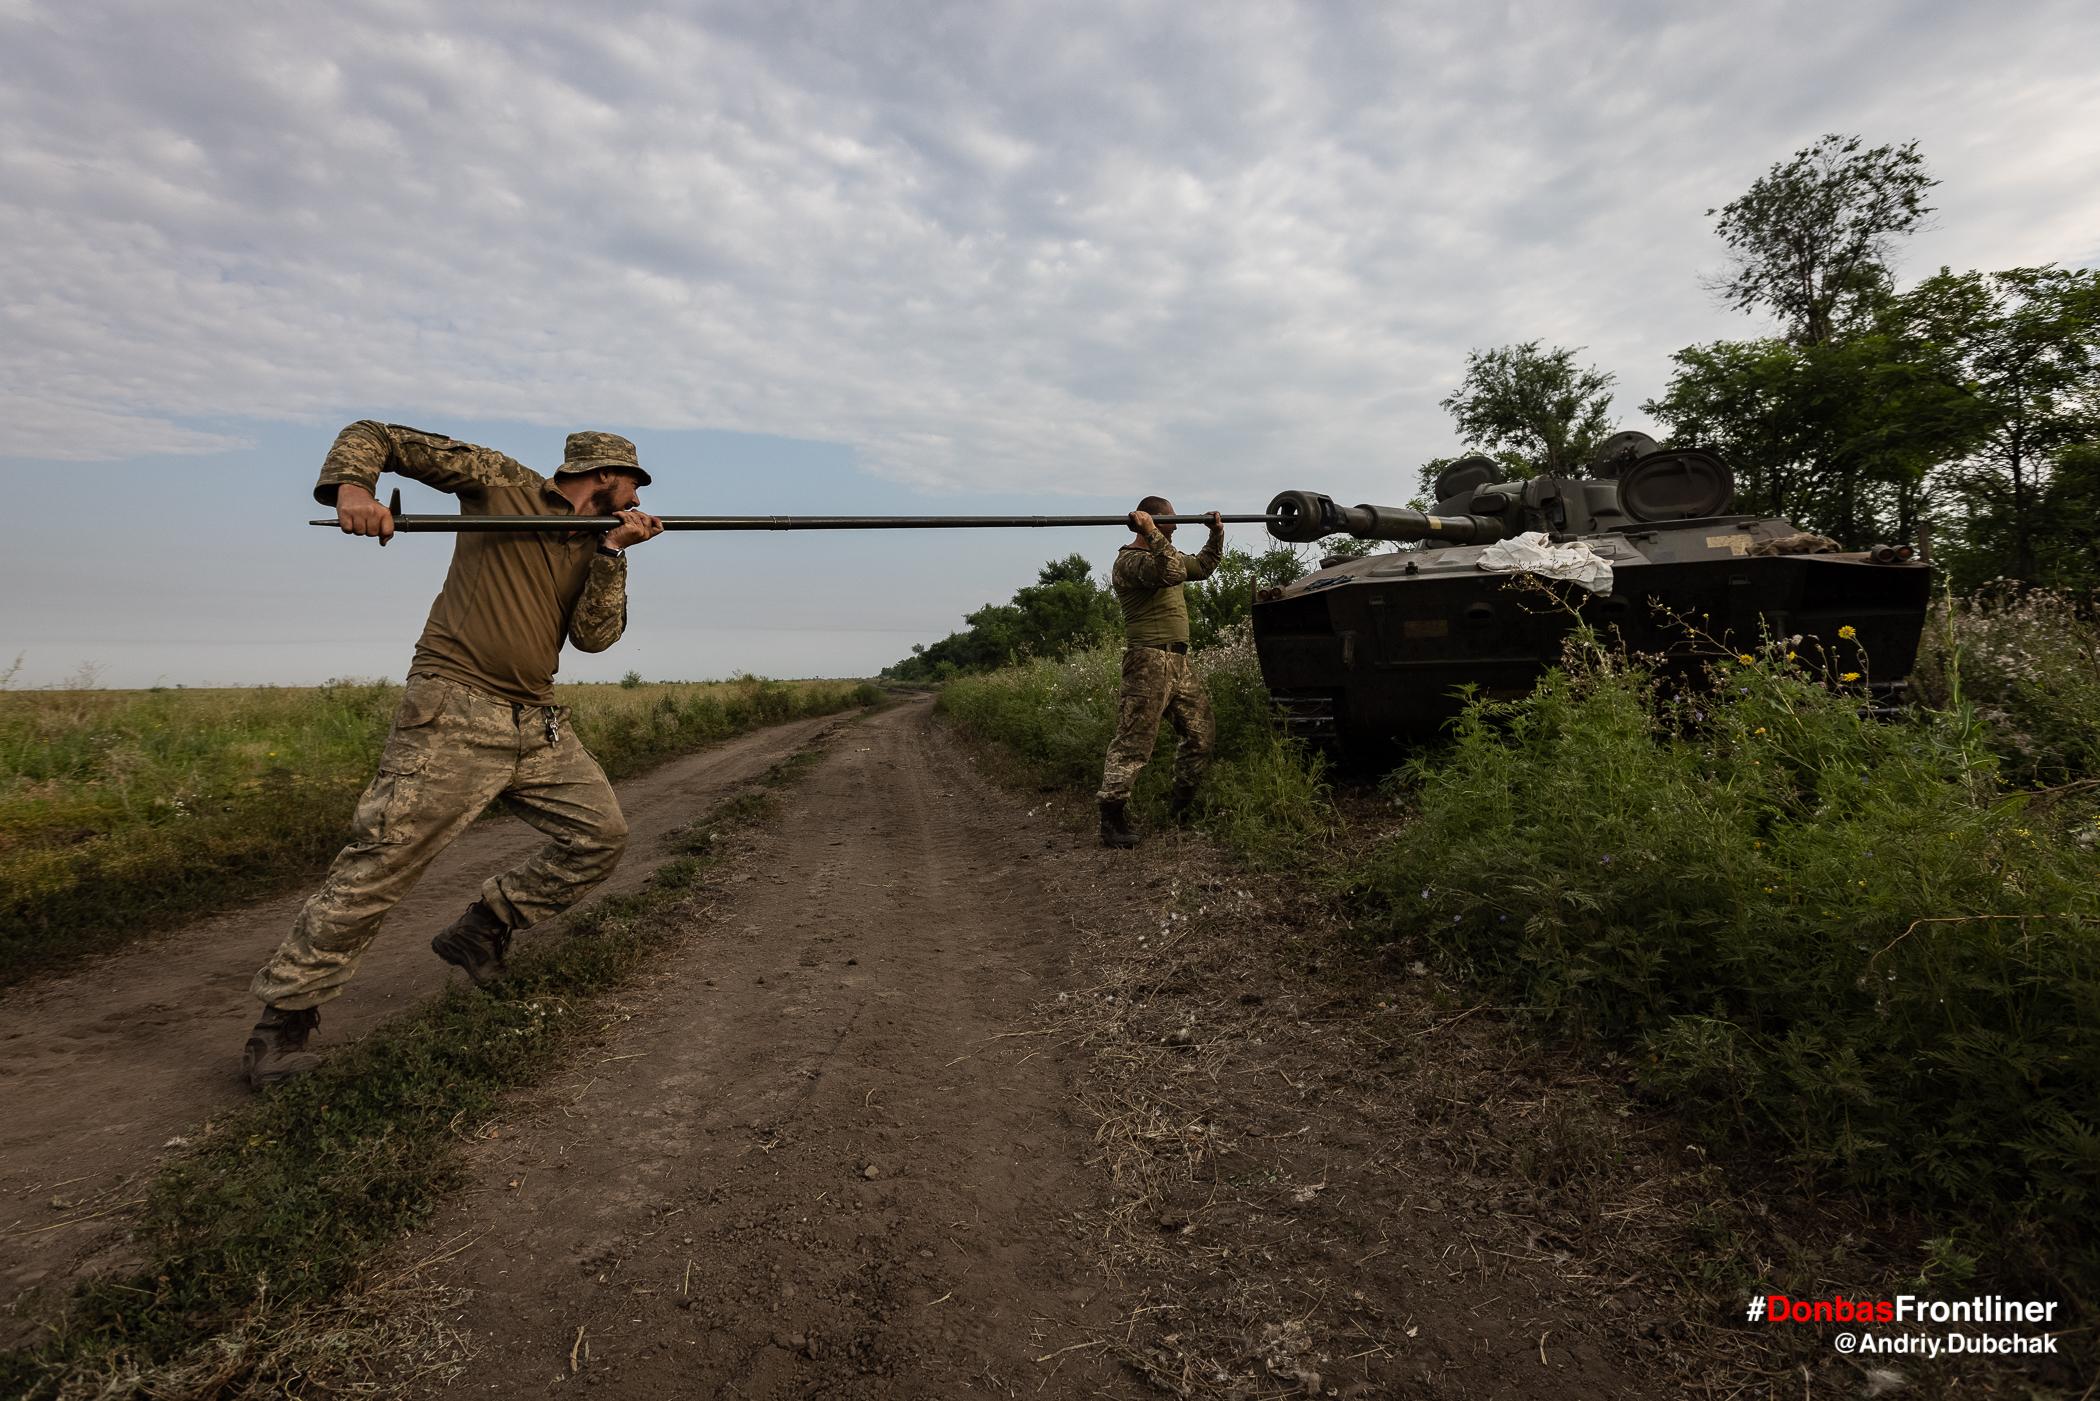 Солдати чистять ствол САУ після стрільб. Бойове тренування 503-го батальйону морської піхоти на Приазов'ї, липень 2021 року